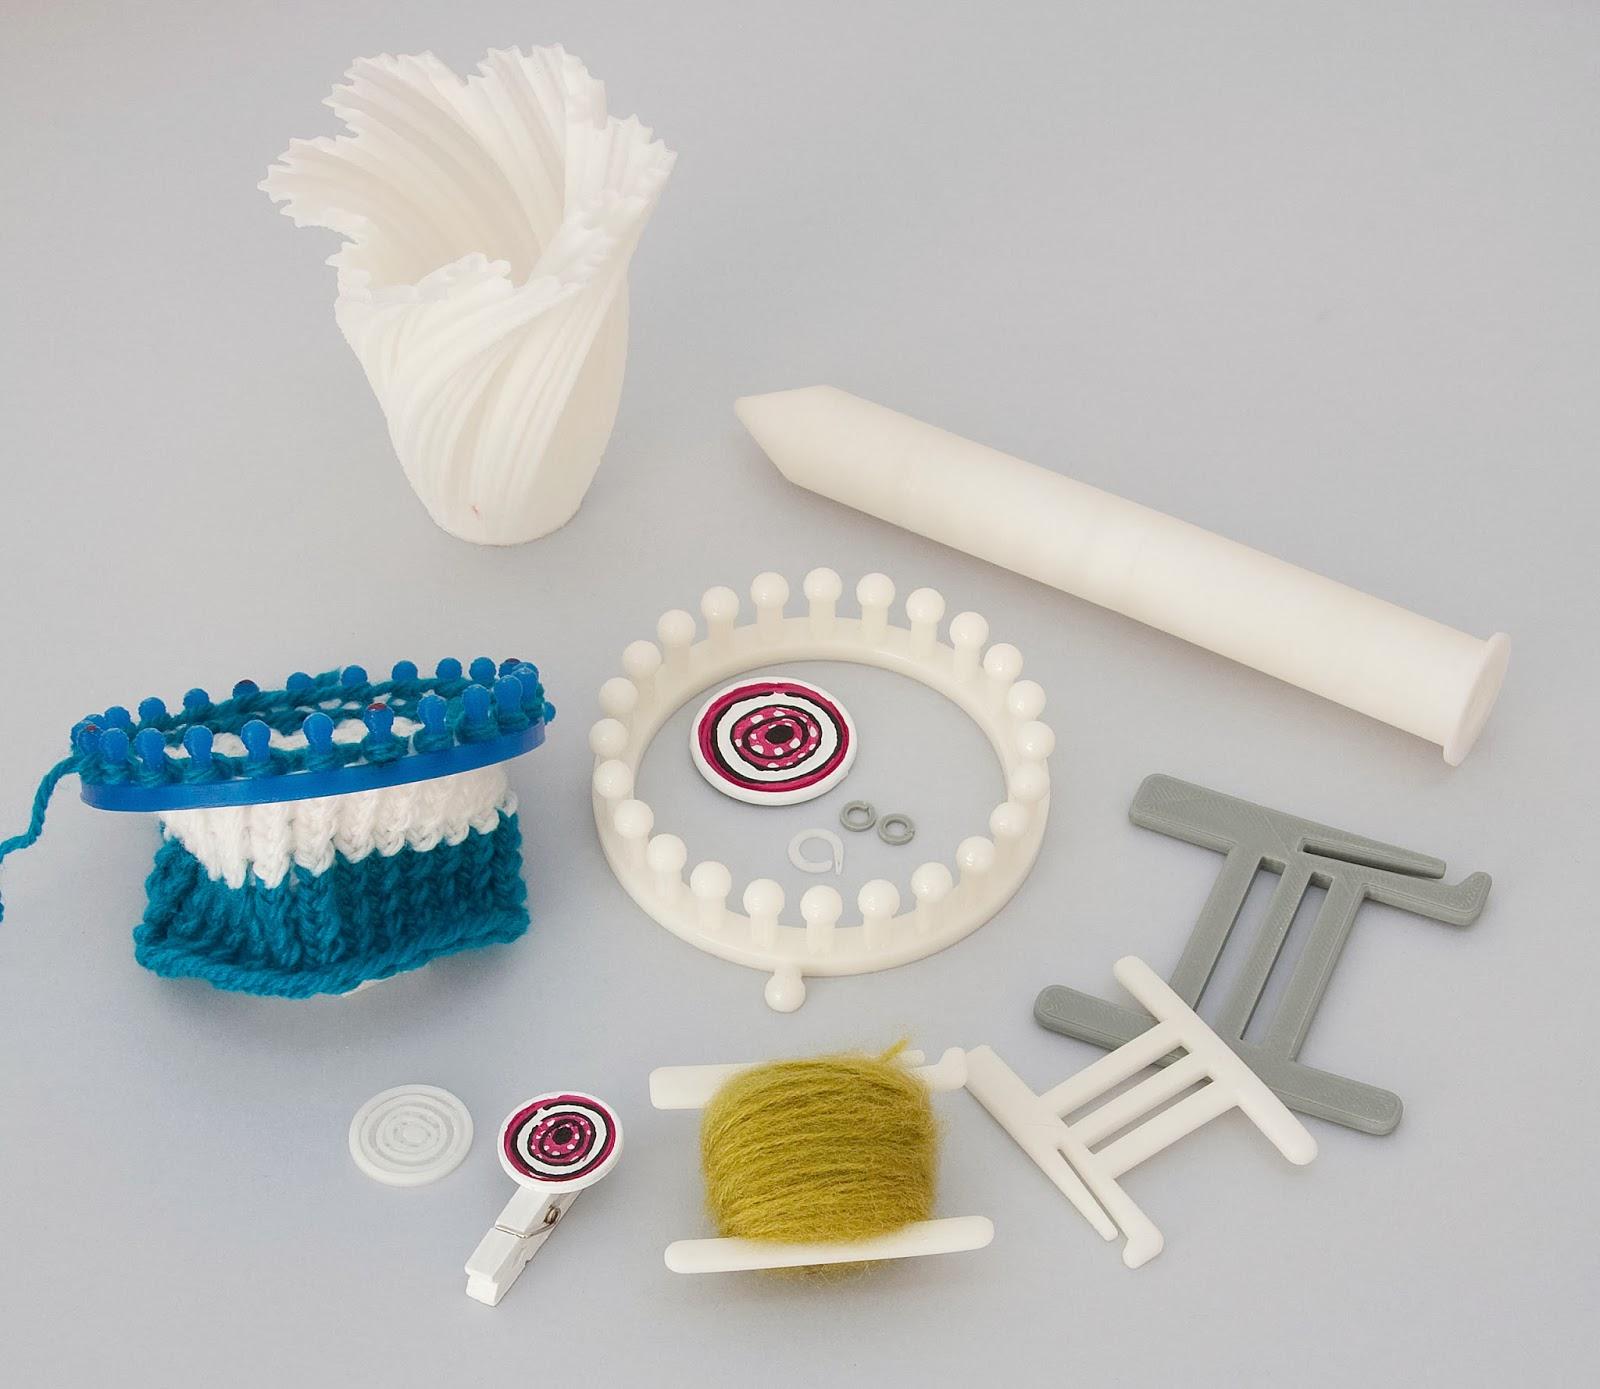 Mira qué punto!: Impresión 3D de agujas y accesorios